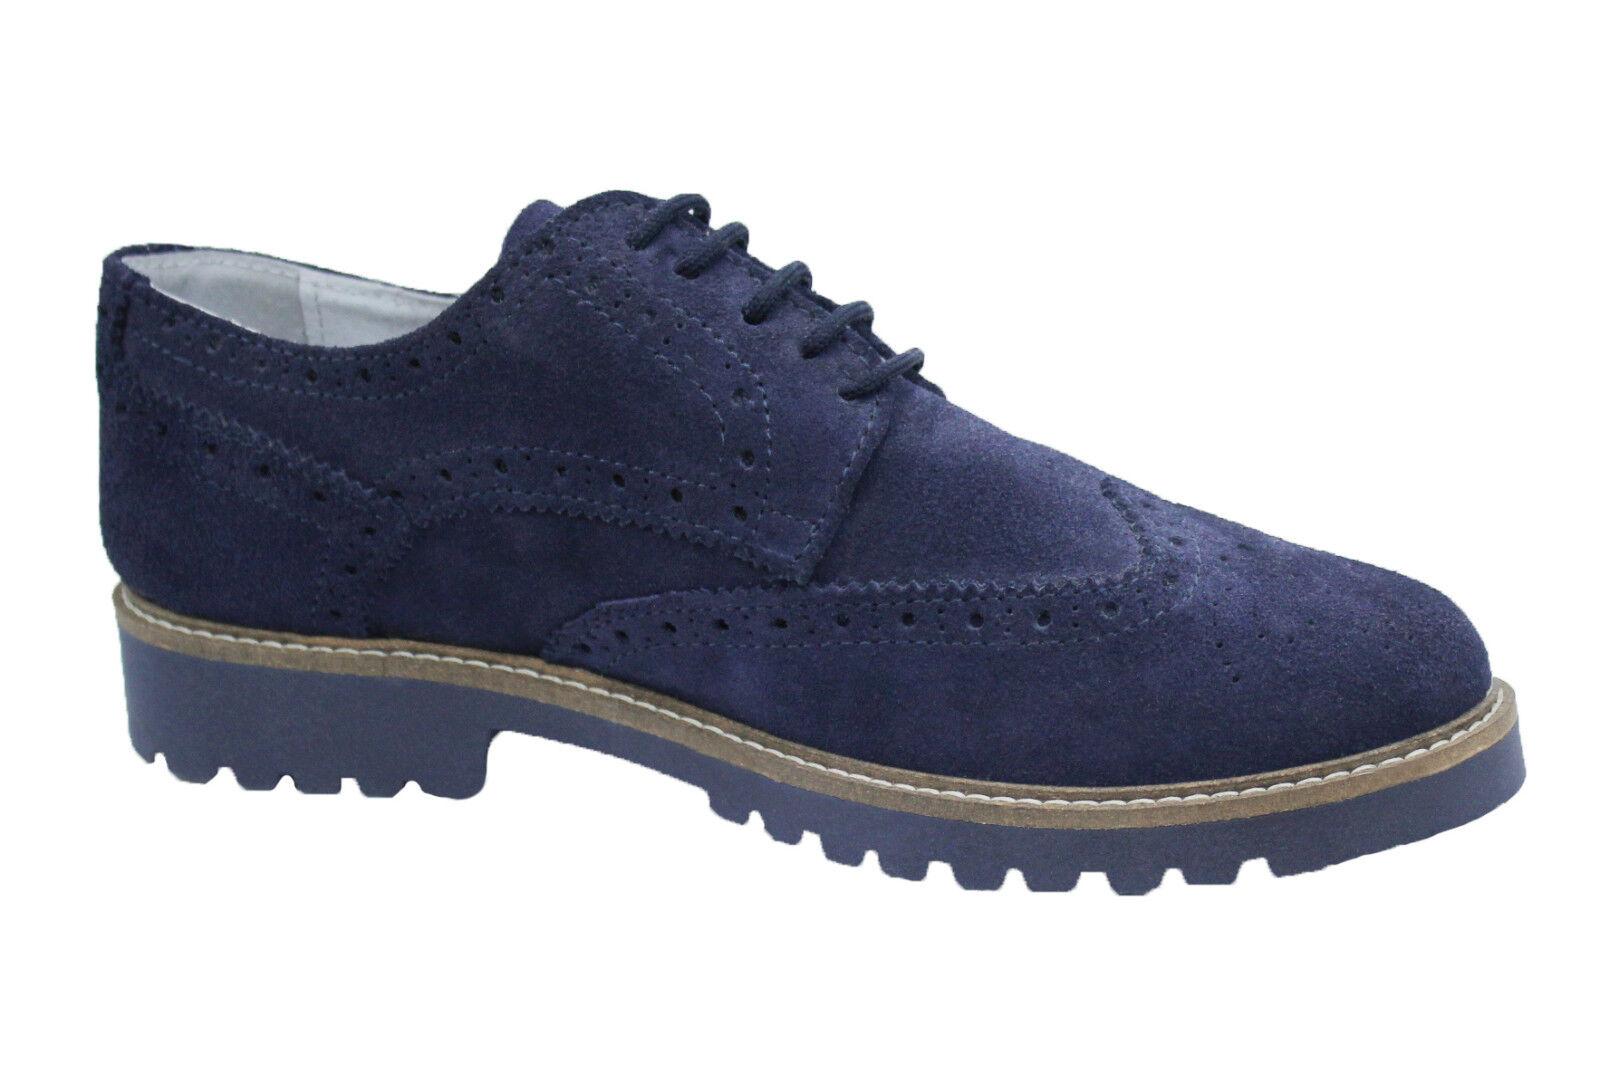 shoes men FRANCESINE ARTIGIANALI blue CAMOSCIO INGLESINE MAN'S SHOES MADE ITALY